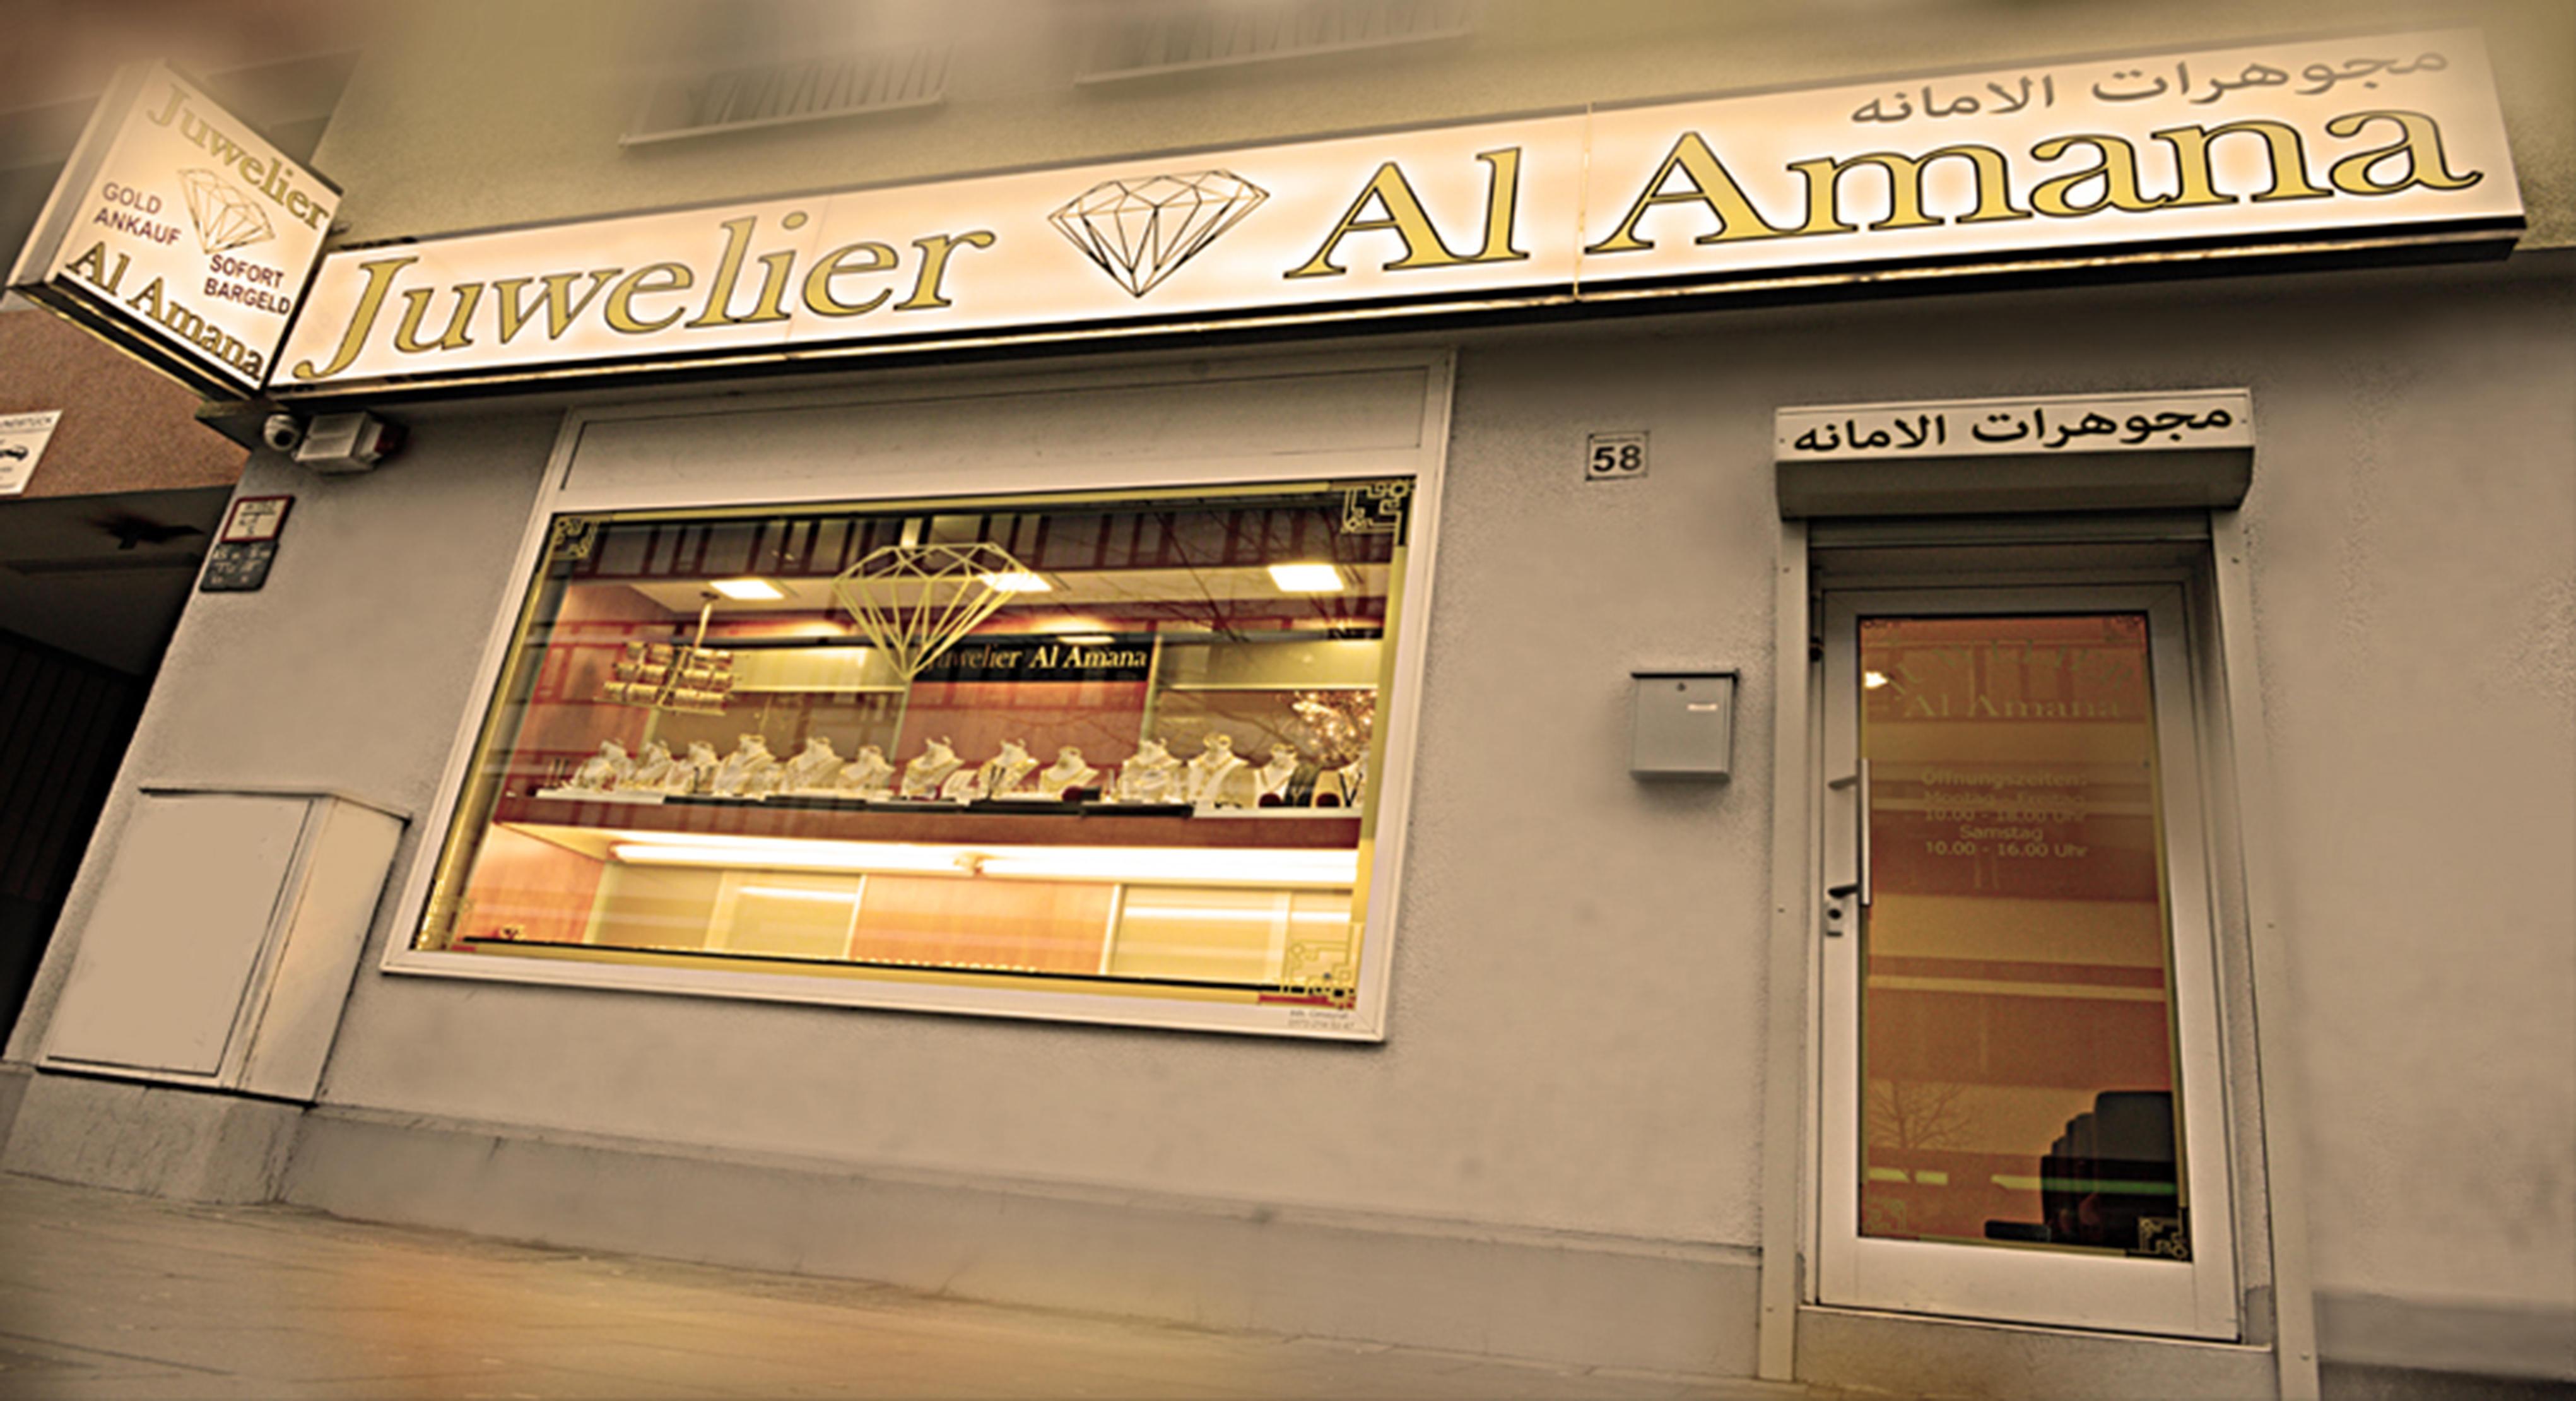 Juwelier Al Amana ??????? ???????